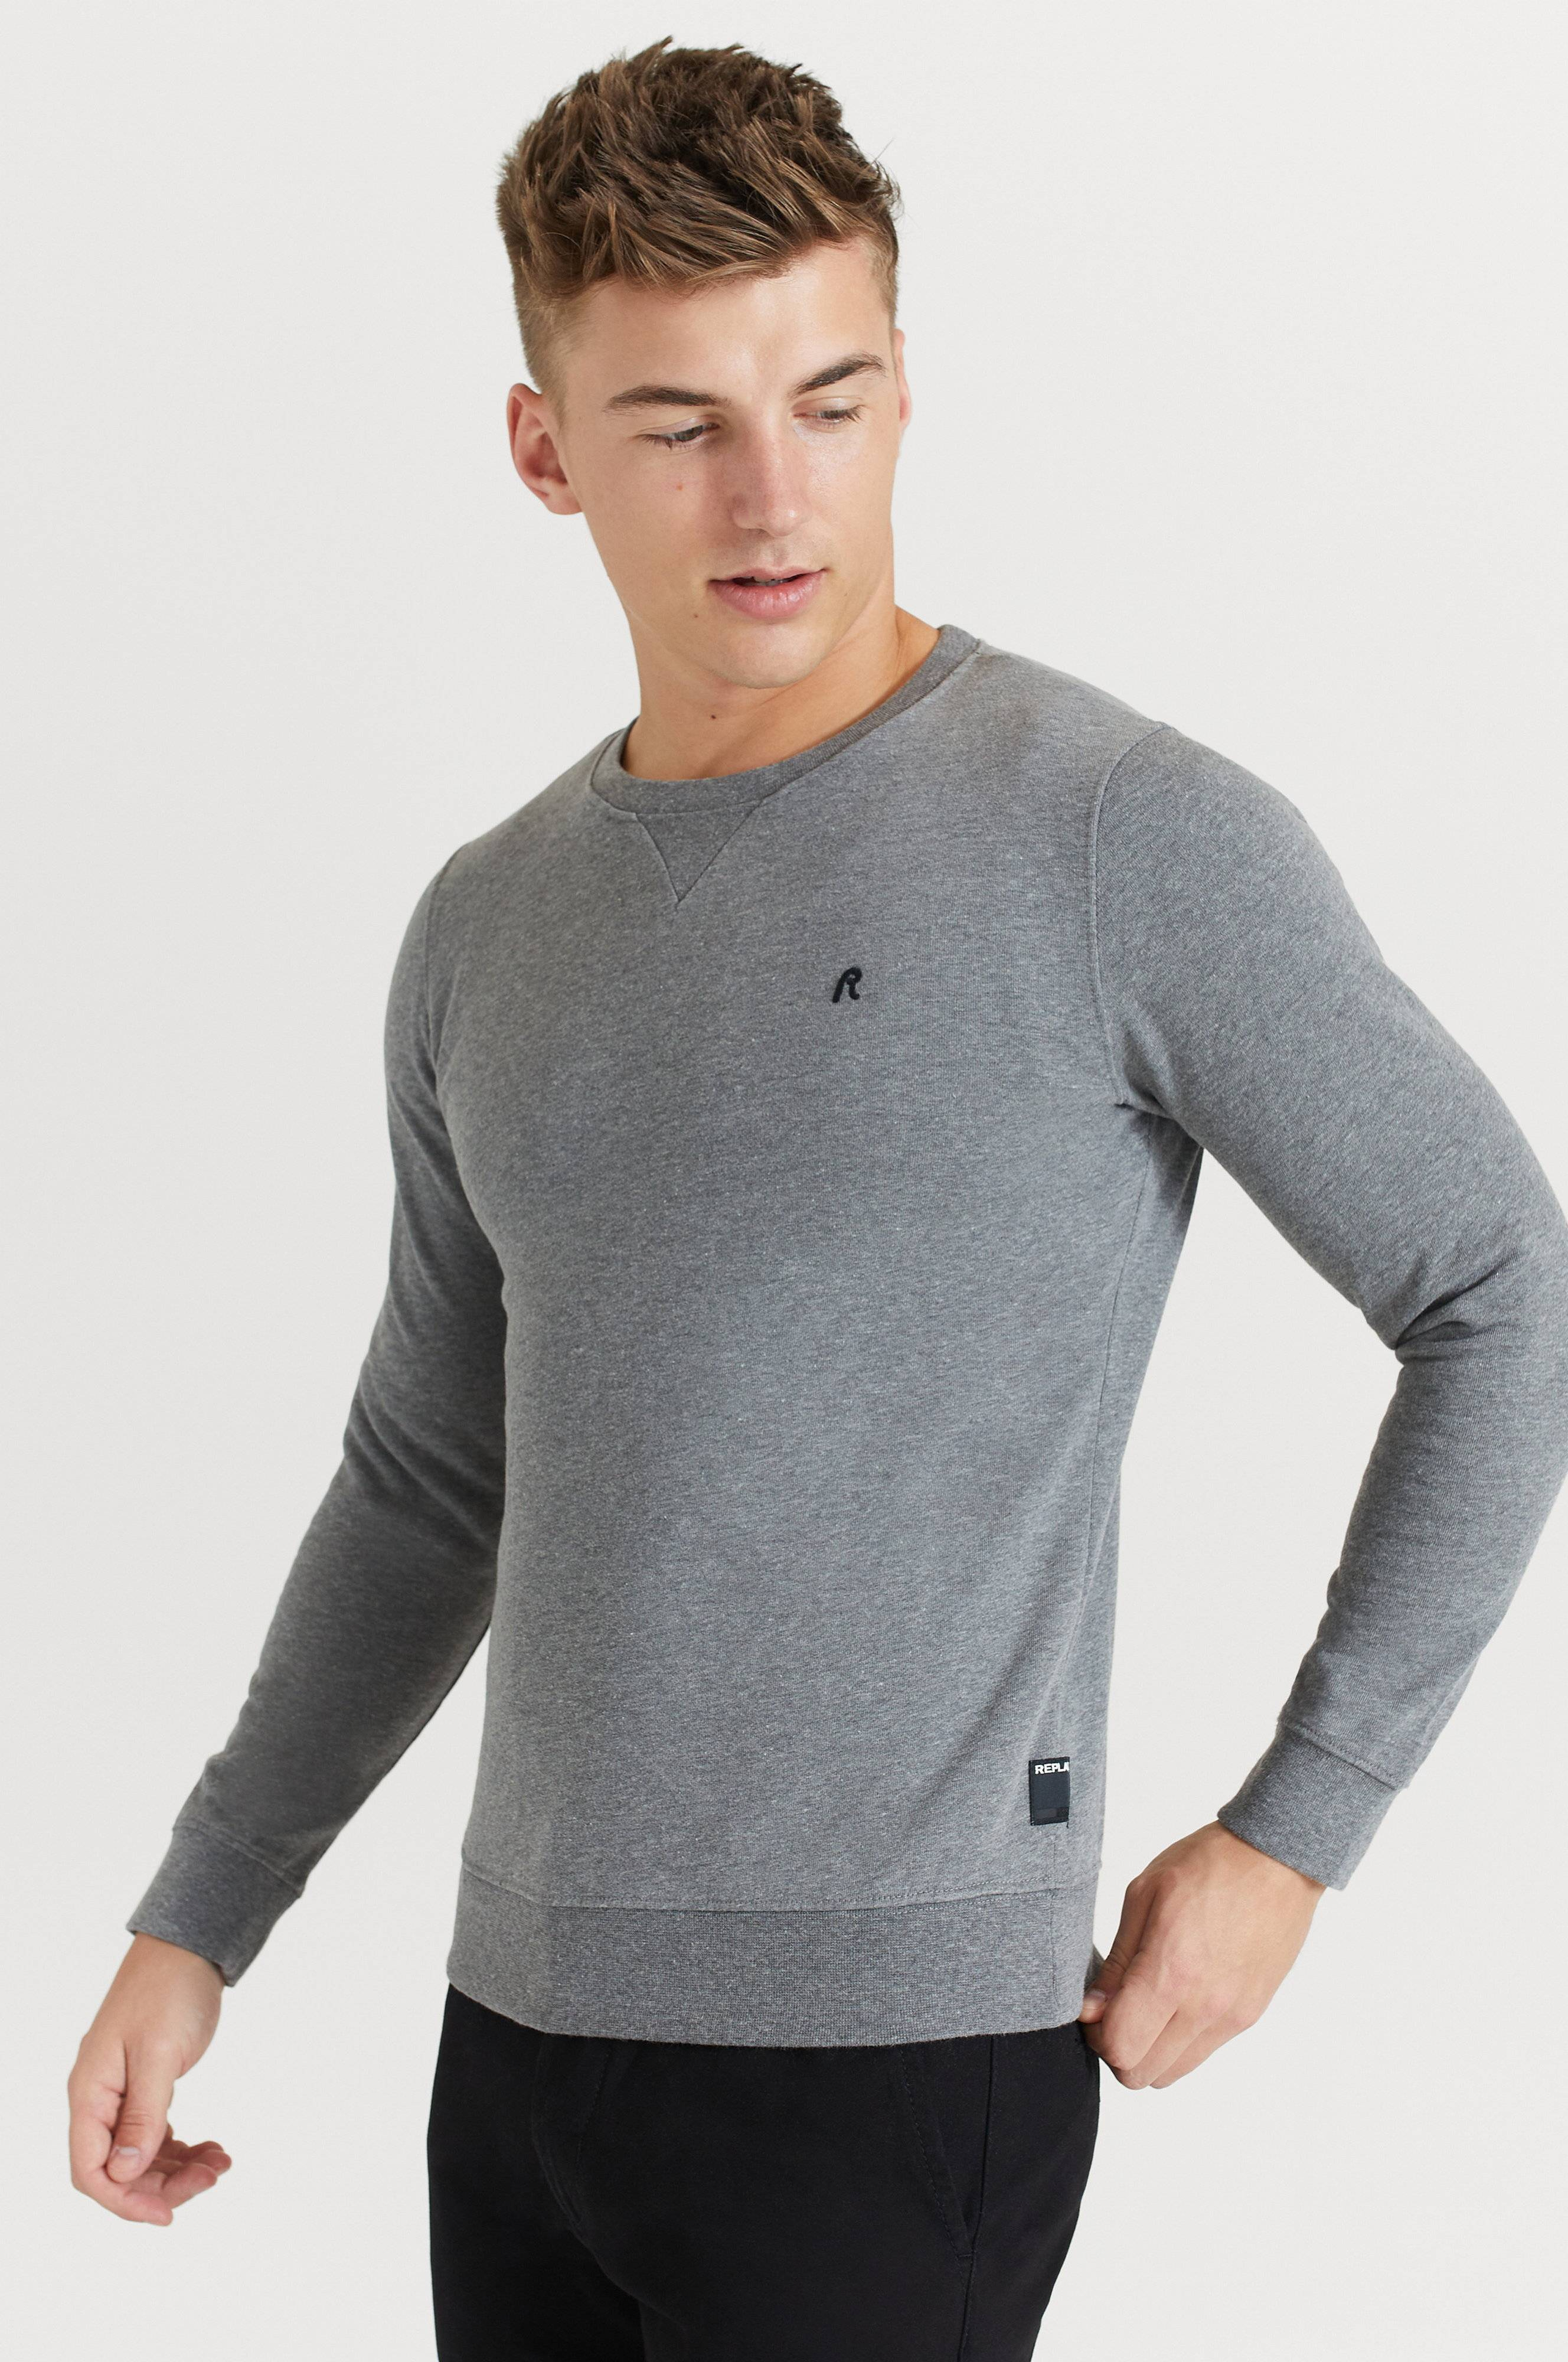 Replay Sweatshirt RBJ CN Sweatshirt Grå